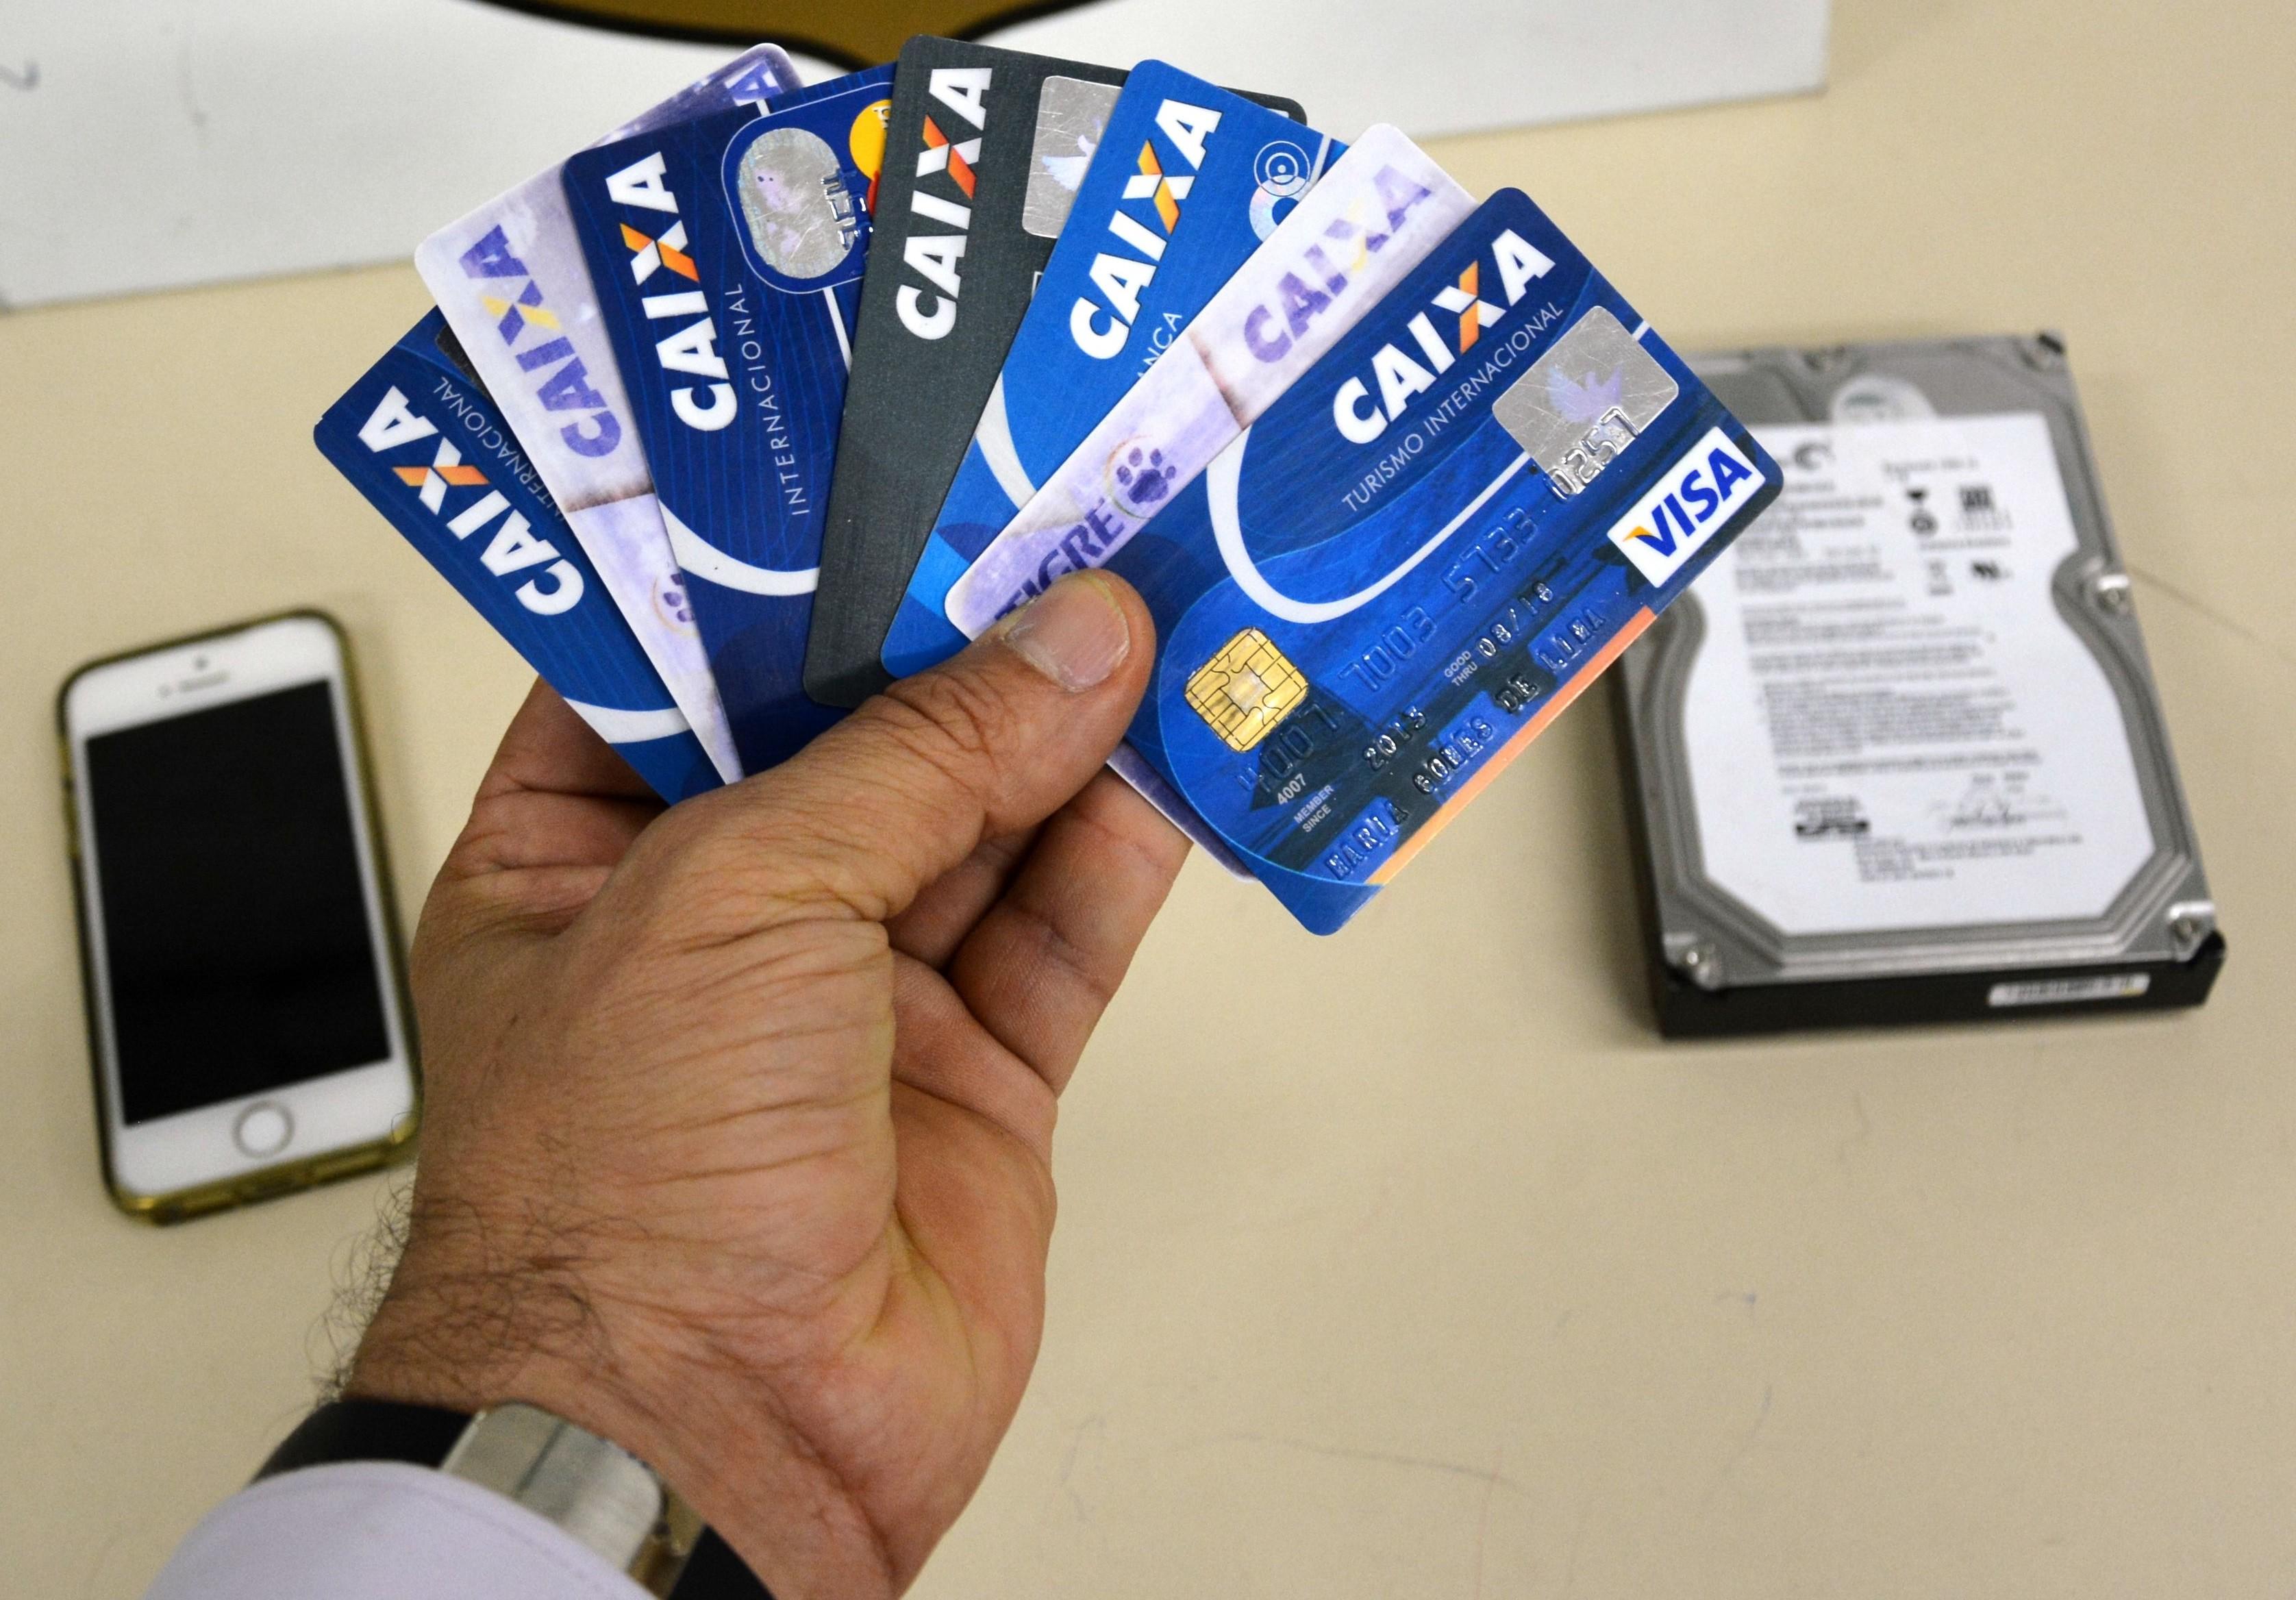 Supostos cartões clonados apreendidos com homem em Caruaru, Pernambuco (Foto: Divulgação/ Polícia Federal)